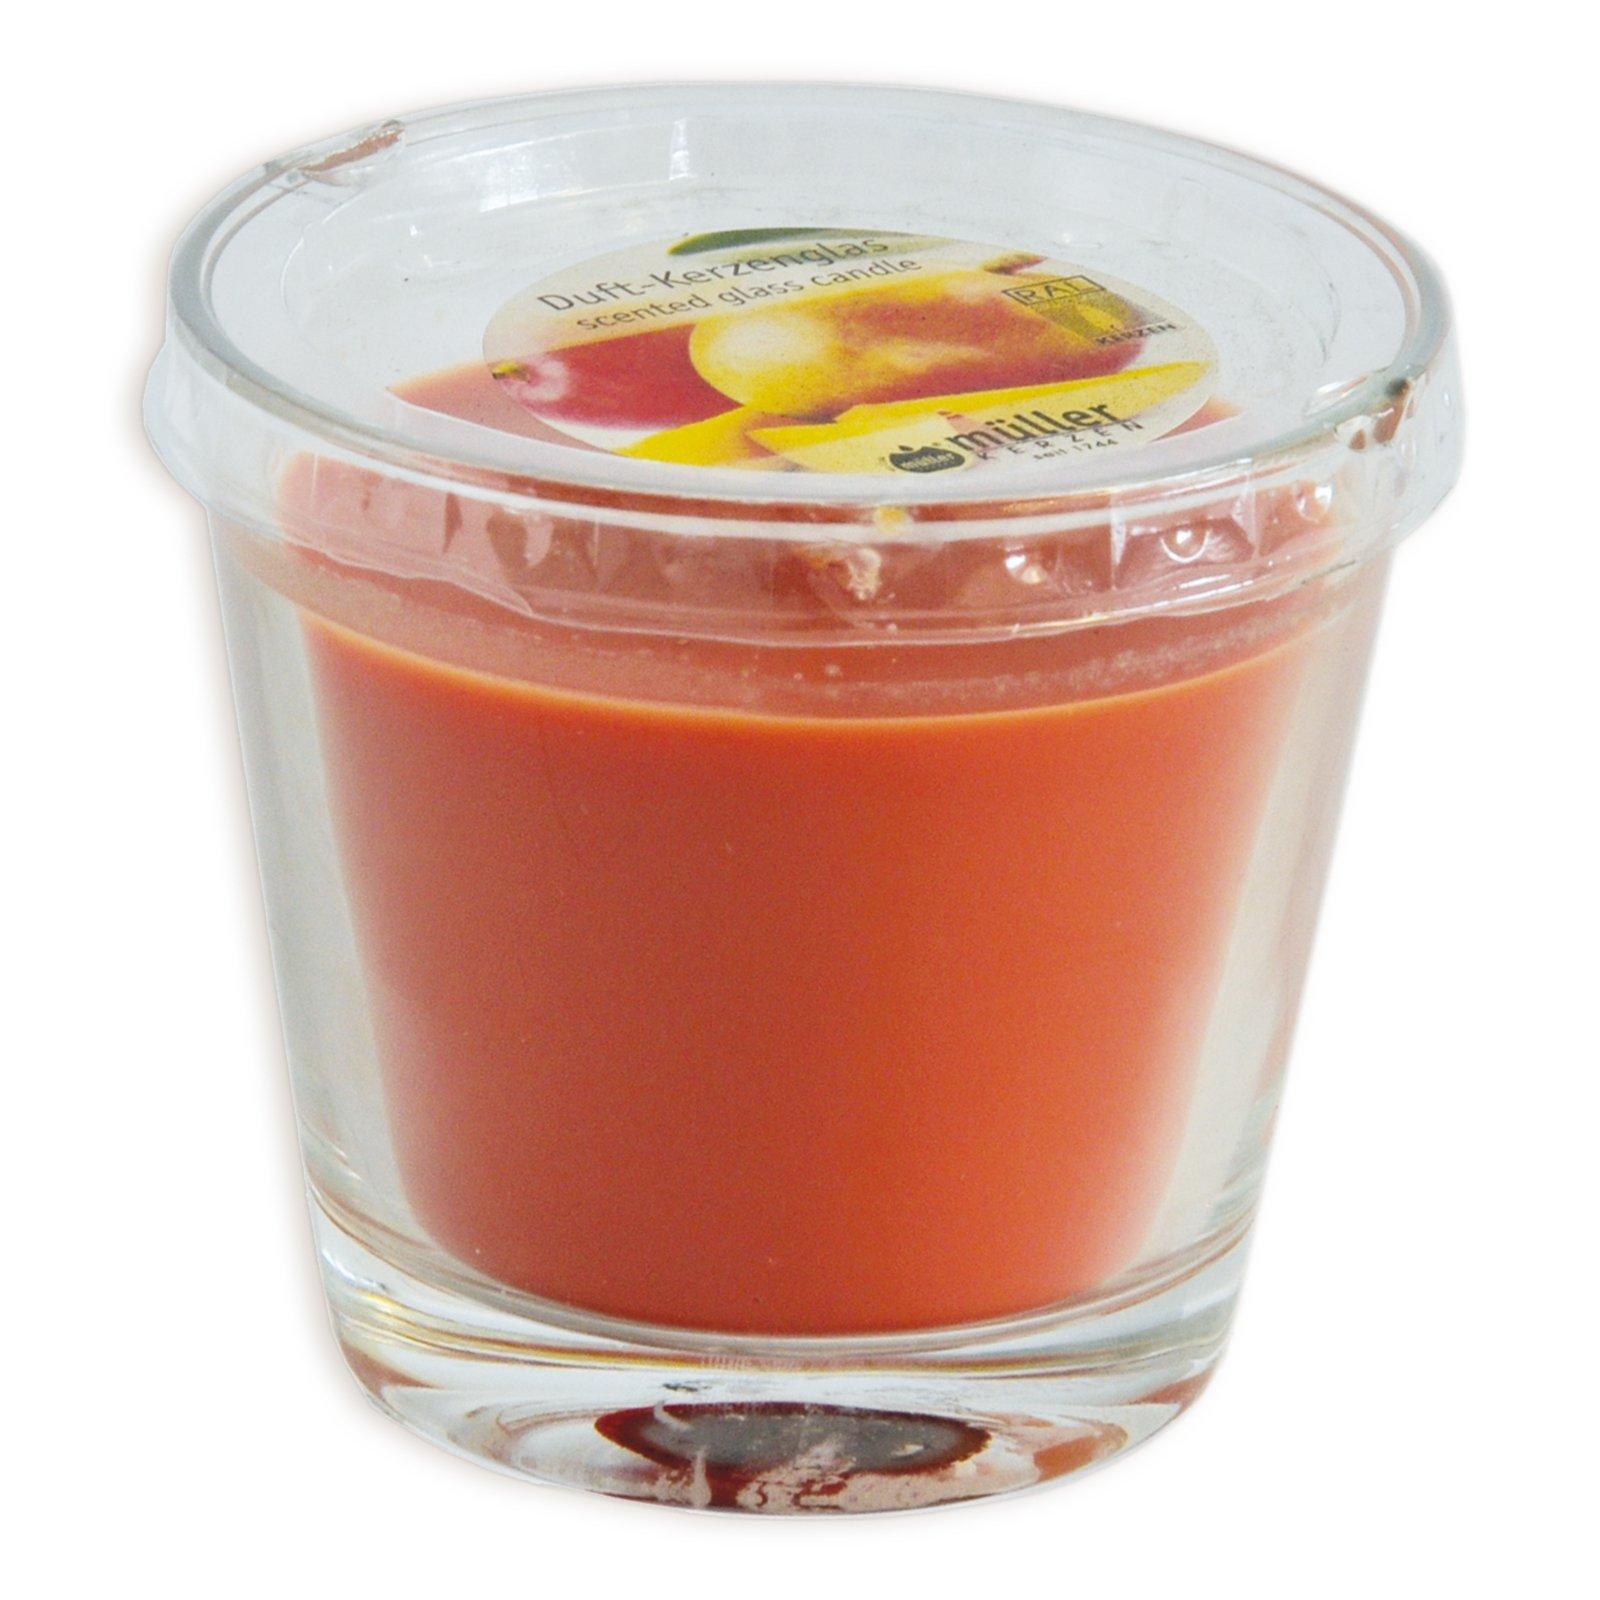 Duftkerze - Mango - im Glas - Ø 9 cm